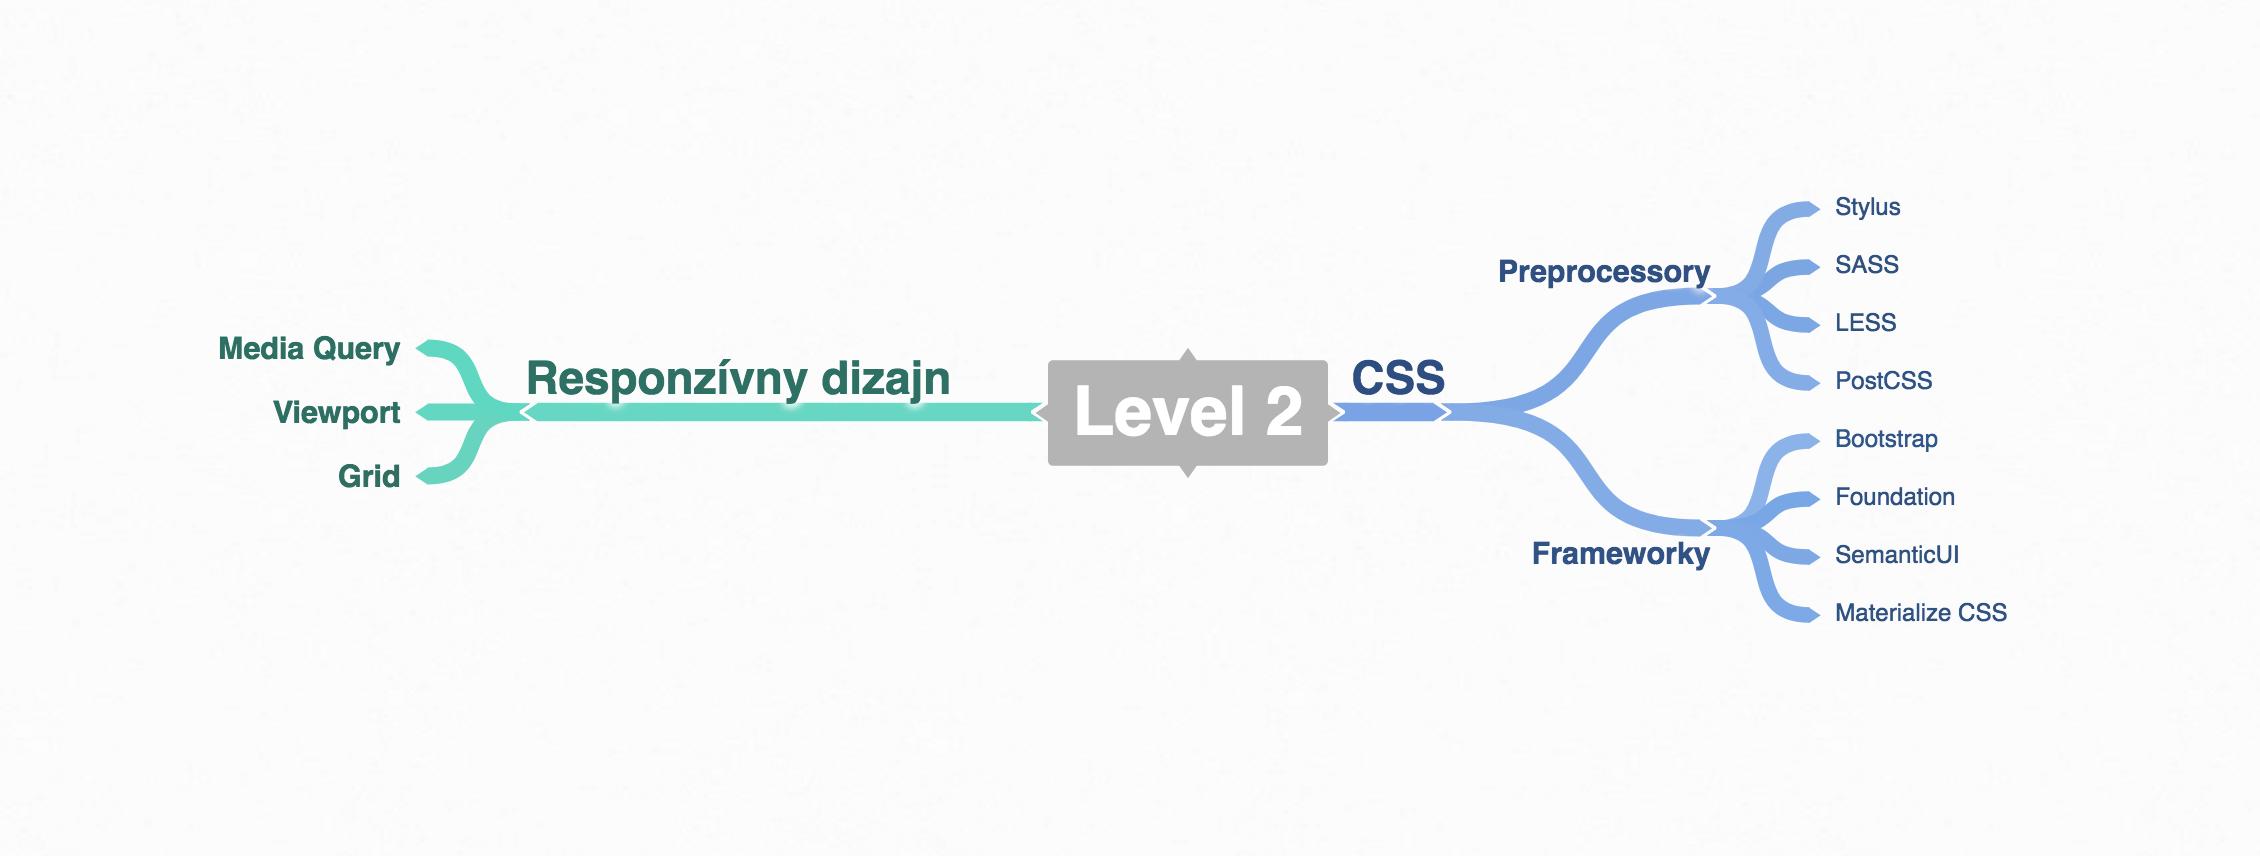 Level 2: CSS nástroje a responzívny dizajn